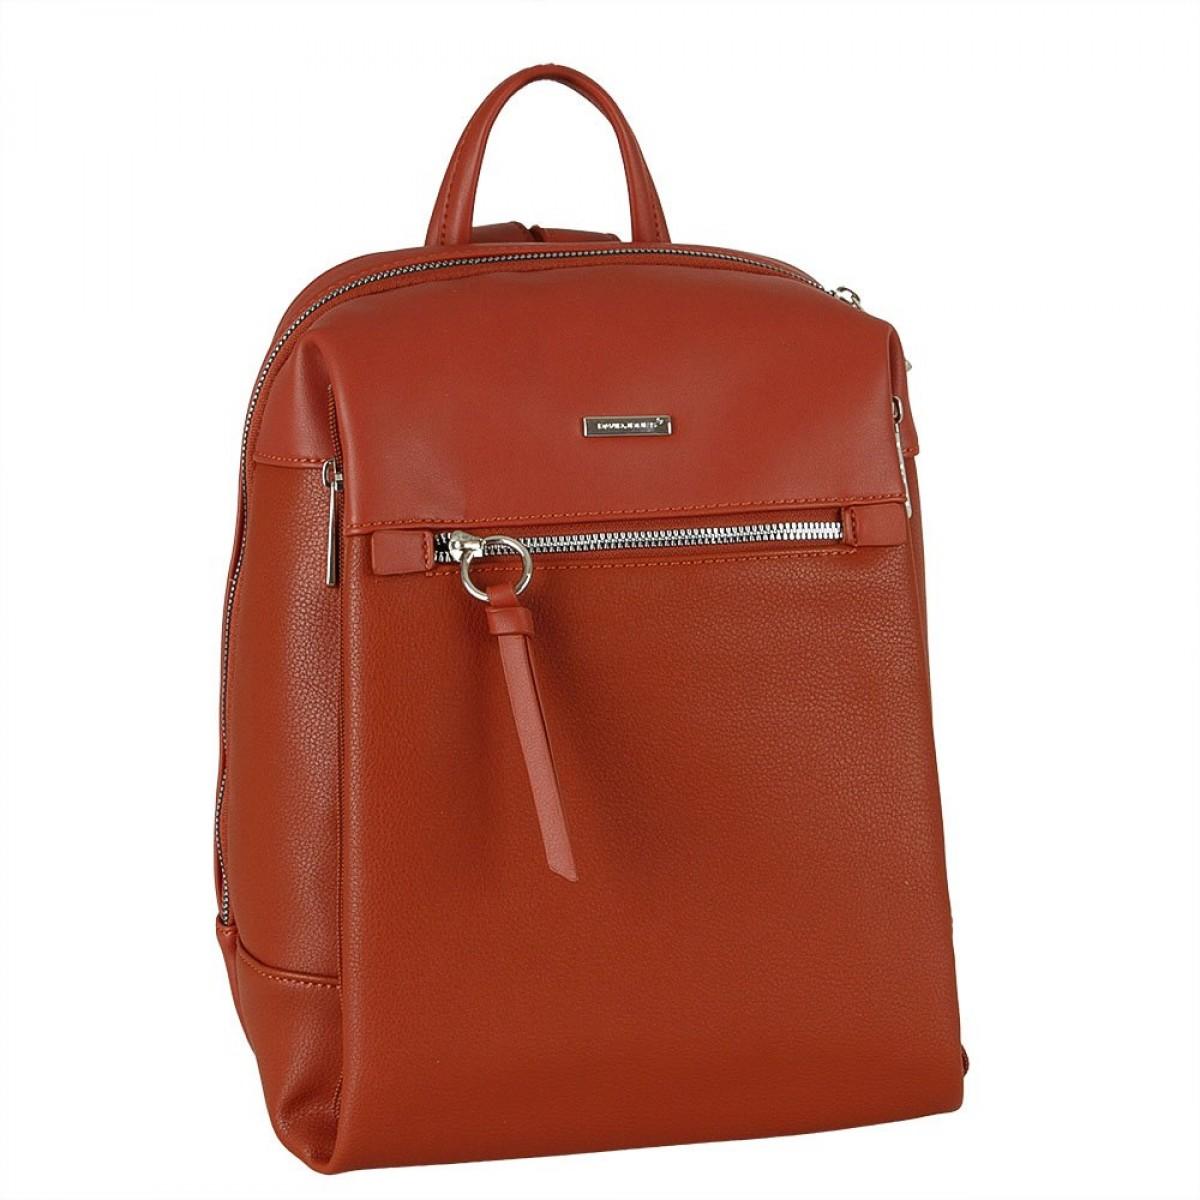 Жіночий рюкзак David Jones CM5842 SIENNA